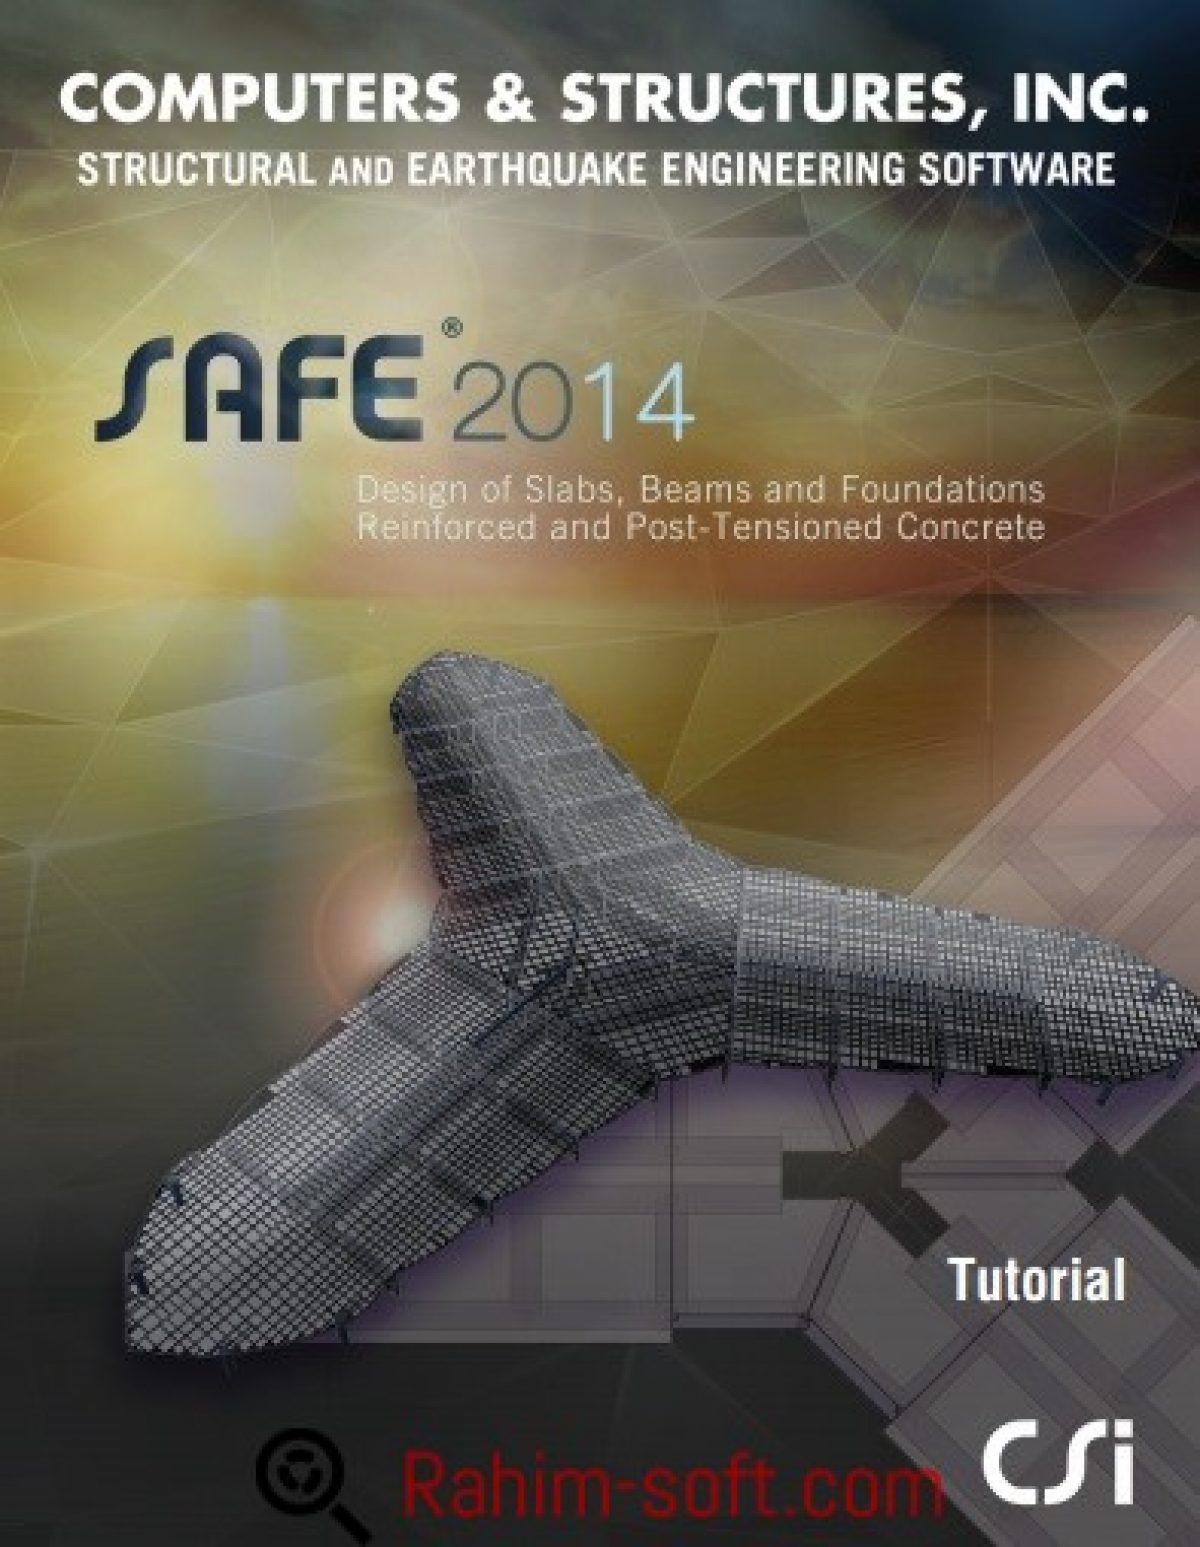 Csi Safe 2014 14 2 Free Download Full Version